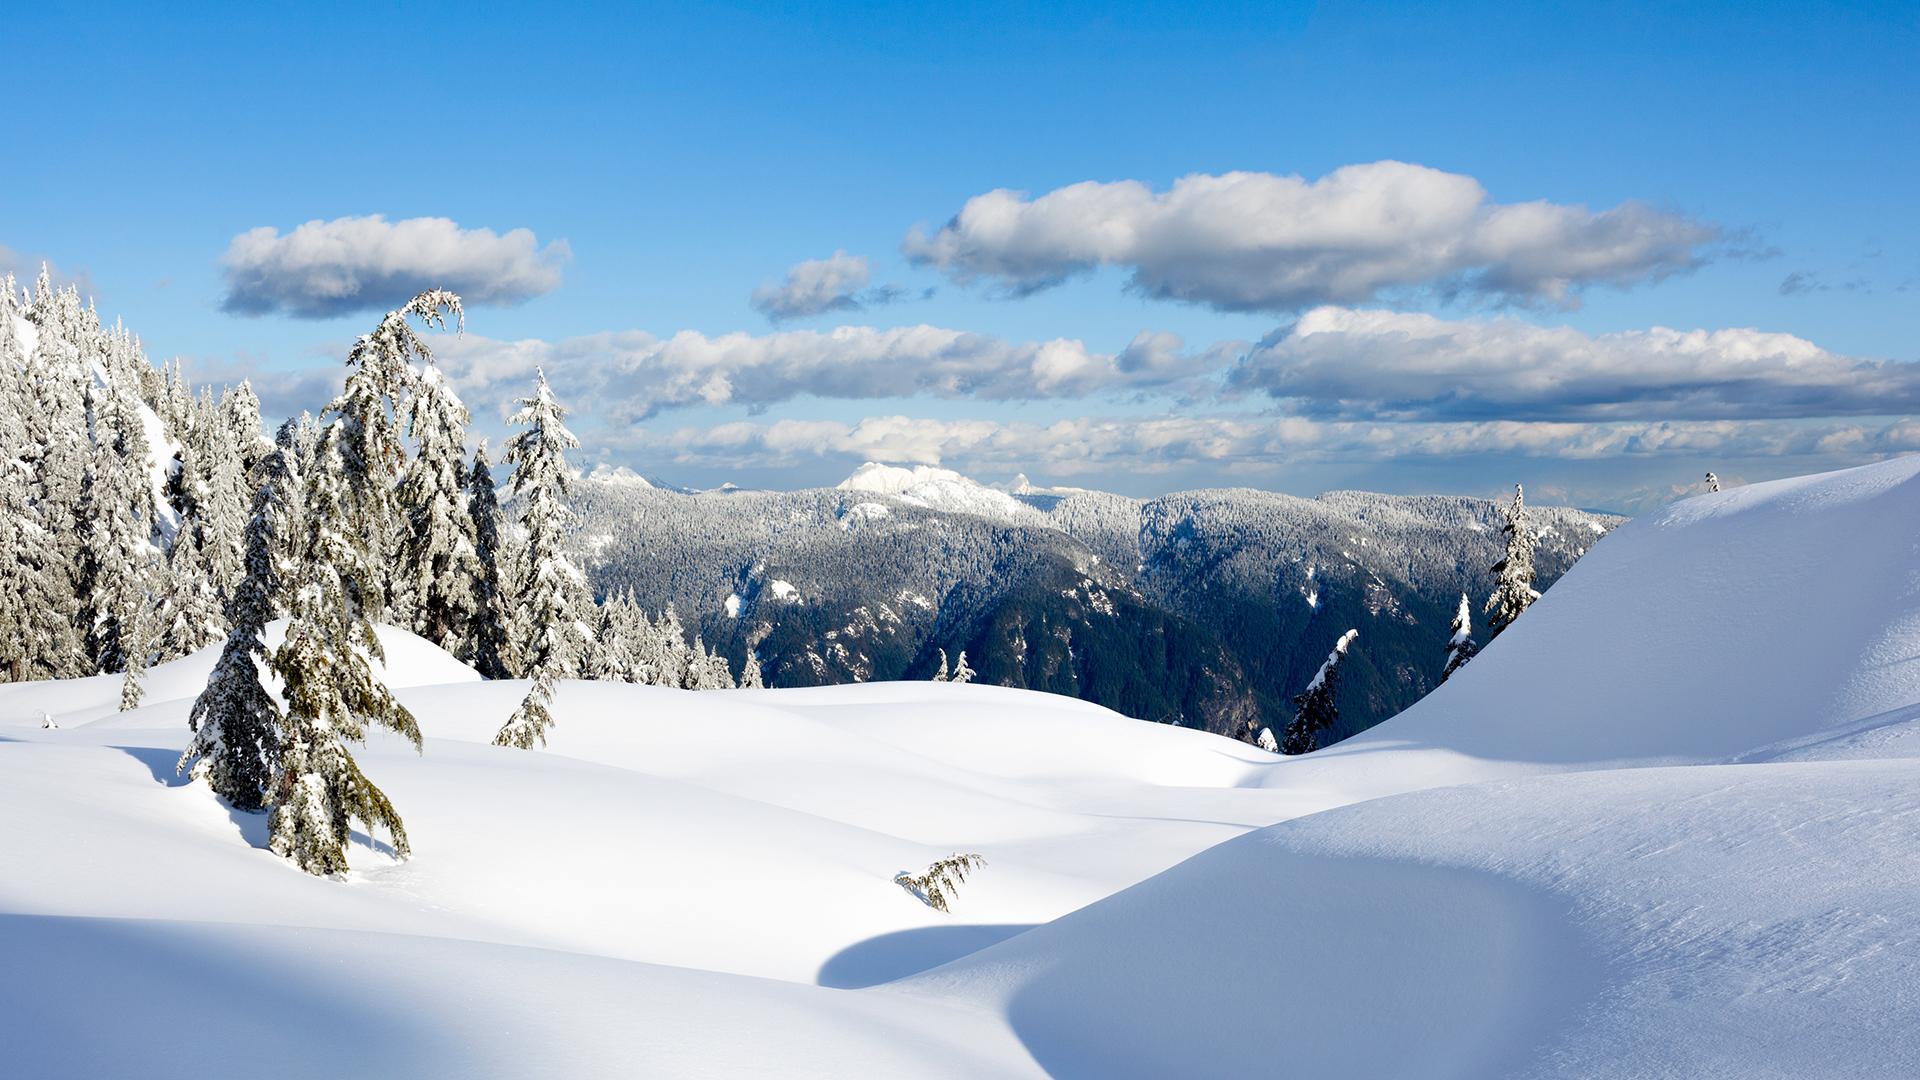 Tuyết mịn phủ trắng xóa trong rừng vào mùa đông